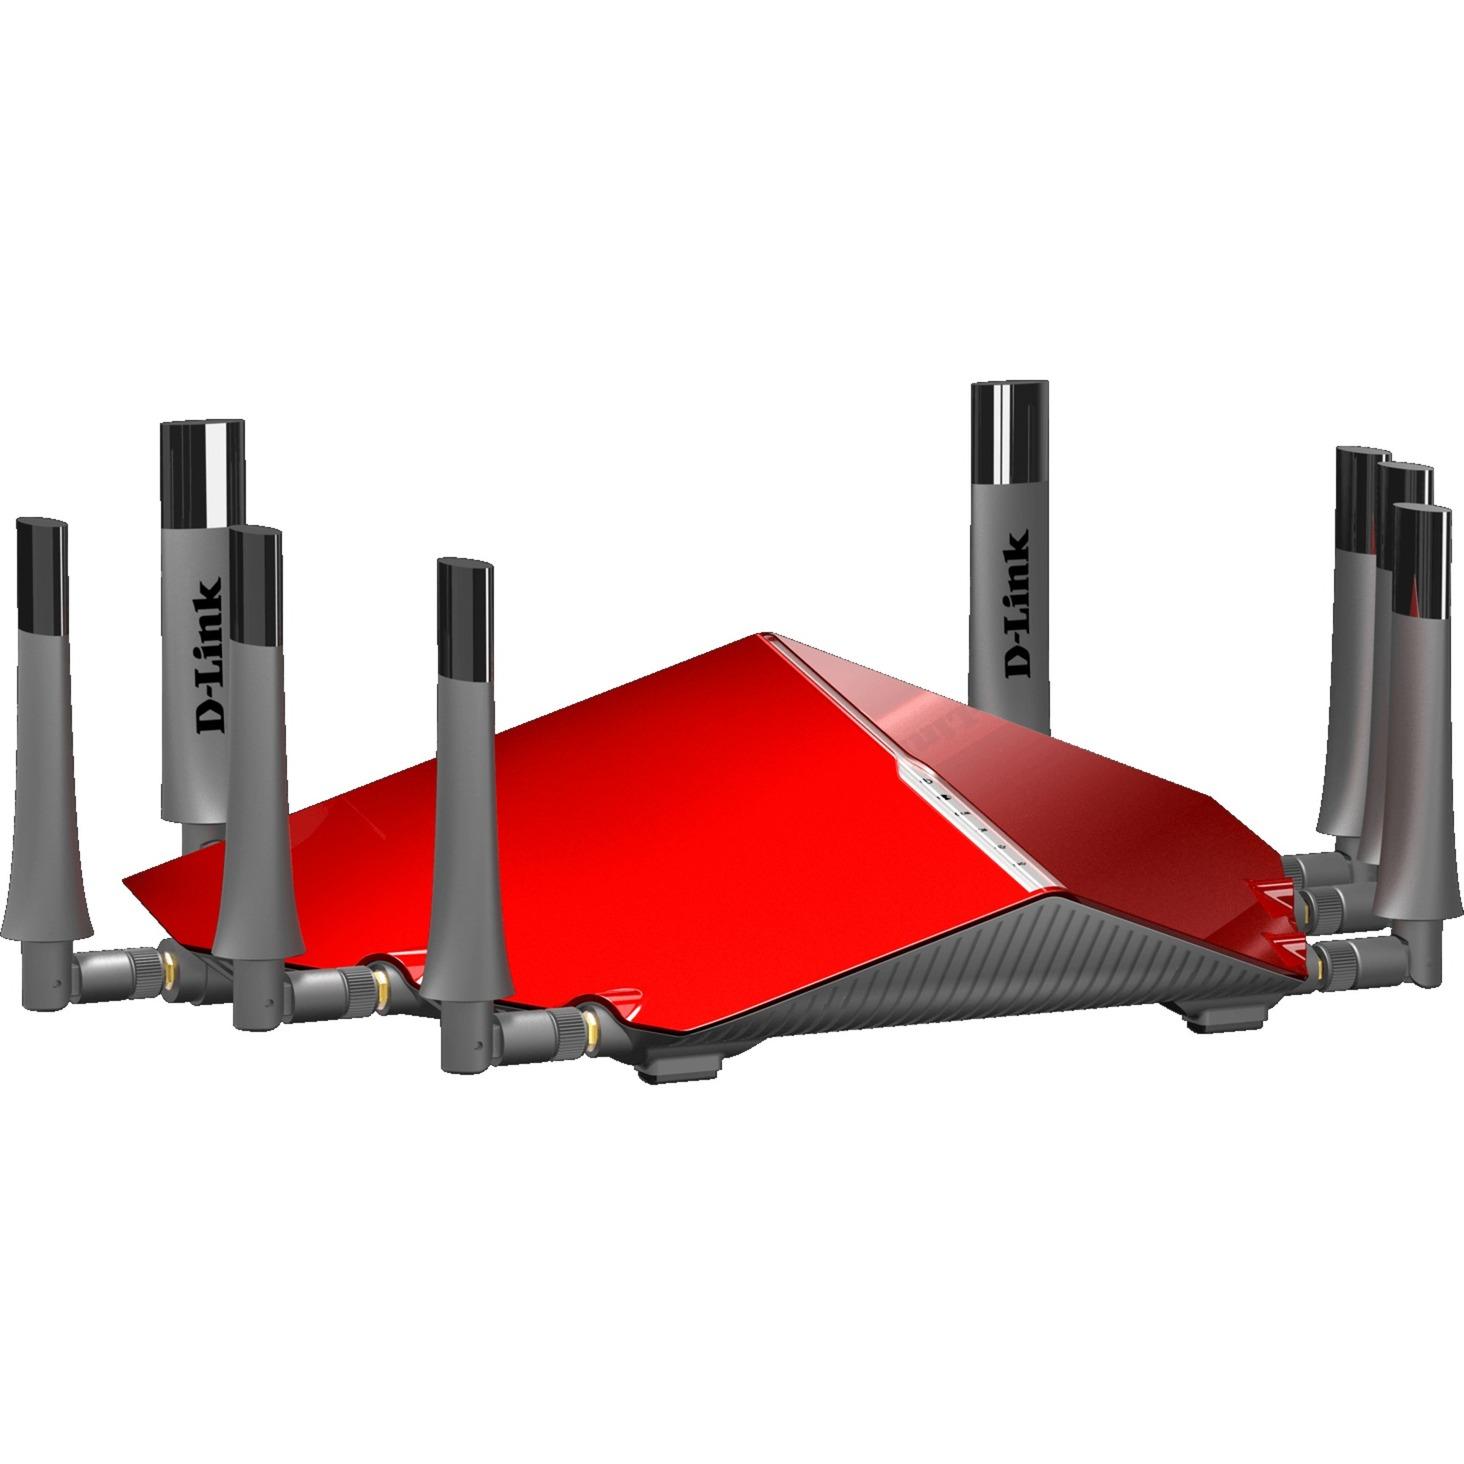 DIR-895L/R Tri-bande (2,4 GHz / 5 GHz / 5 GHz) Gigabit Ethernet Noir, Rouge routeur sans fil